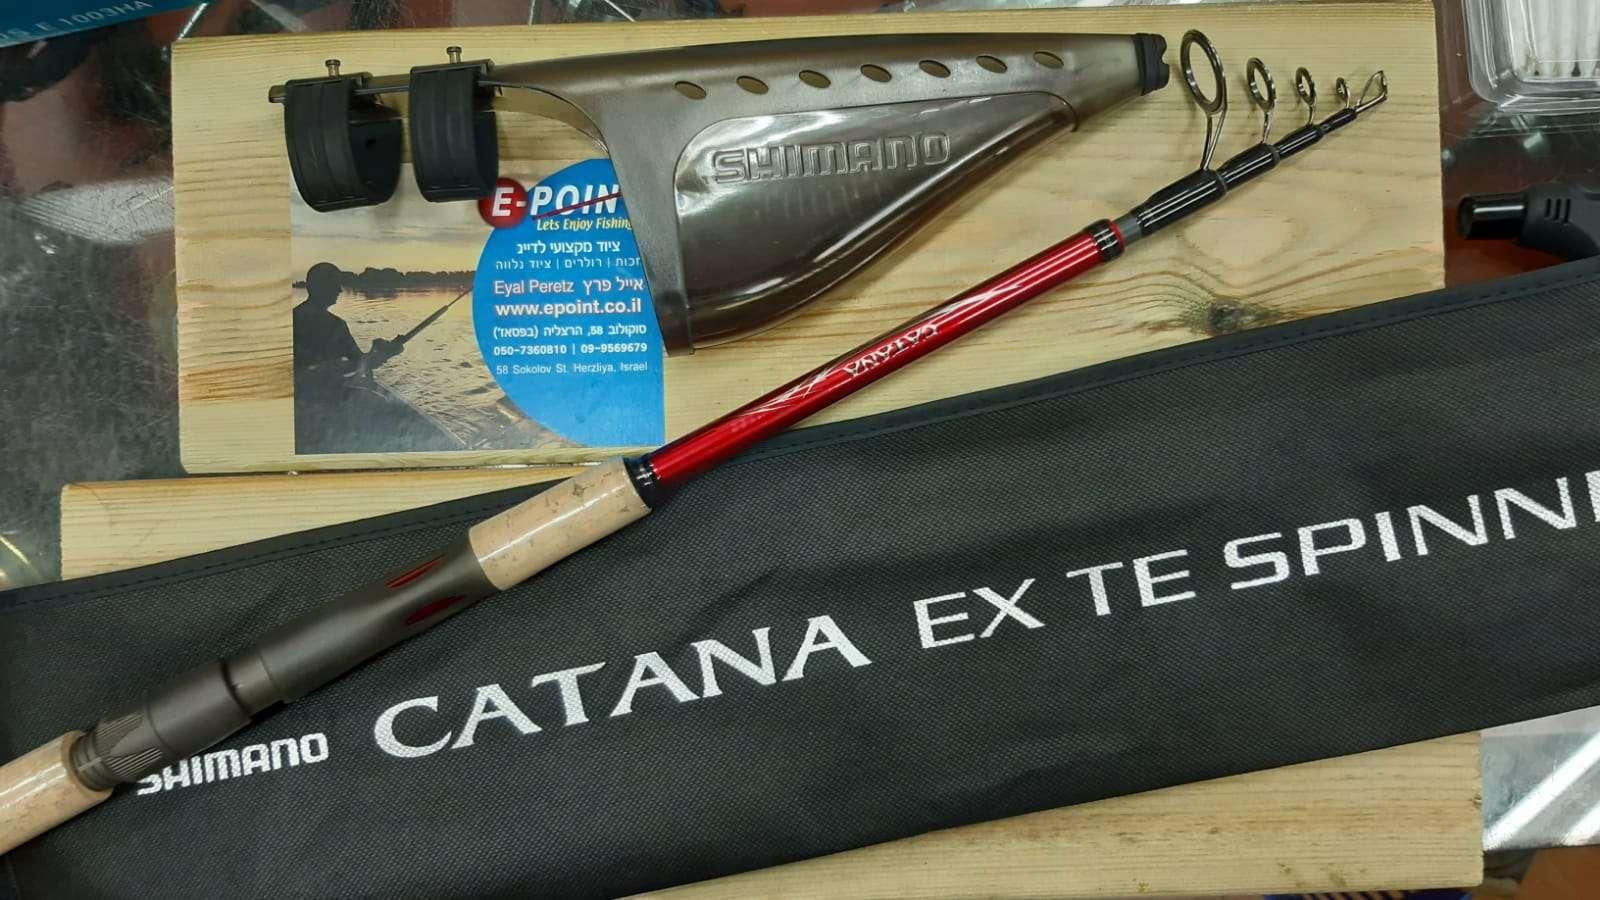 shimano Catana EX TE Spinning 165